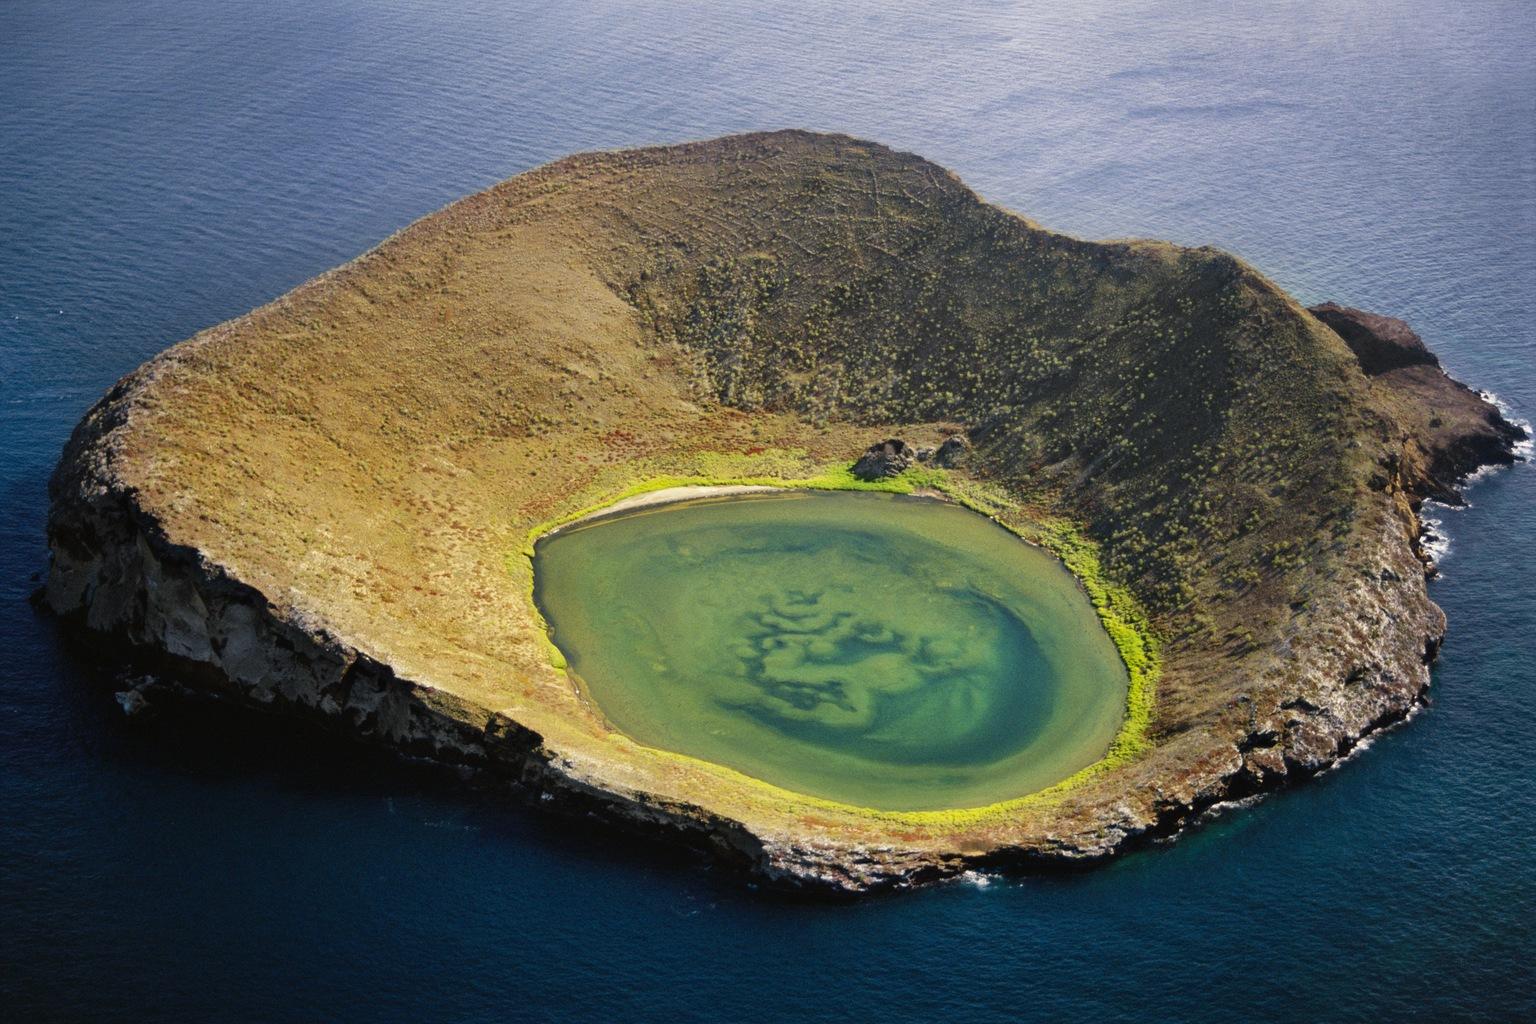 Vulkáni kráter az Isabela-szigeten. (Fotó: AFP)